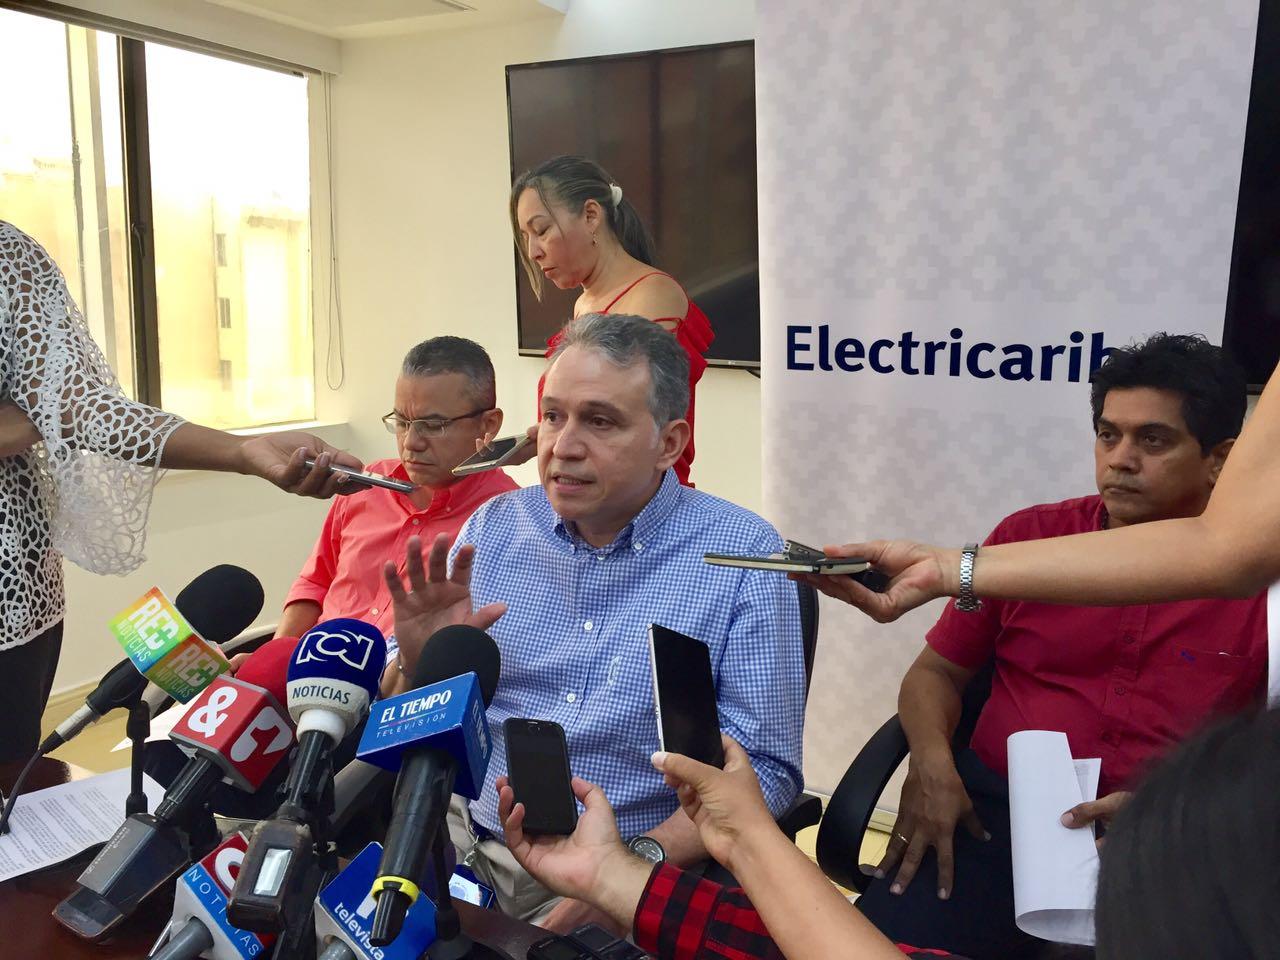 Contraloría pone la lupa en Electricaribe por escándalo de desfalco en subsidios